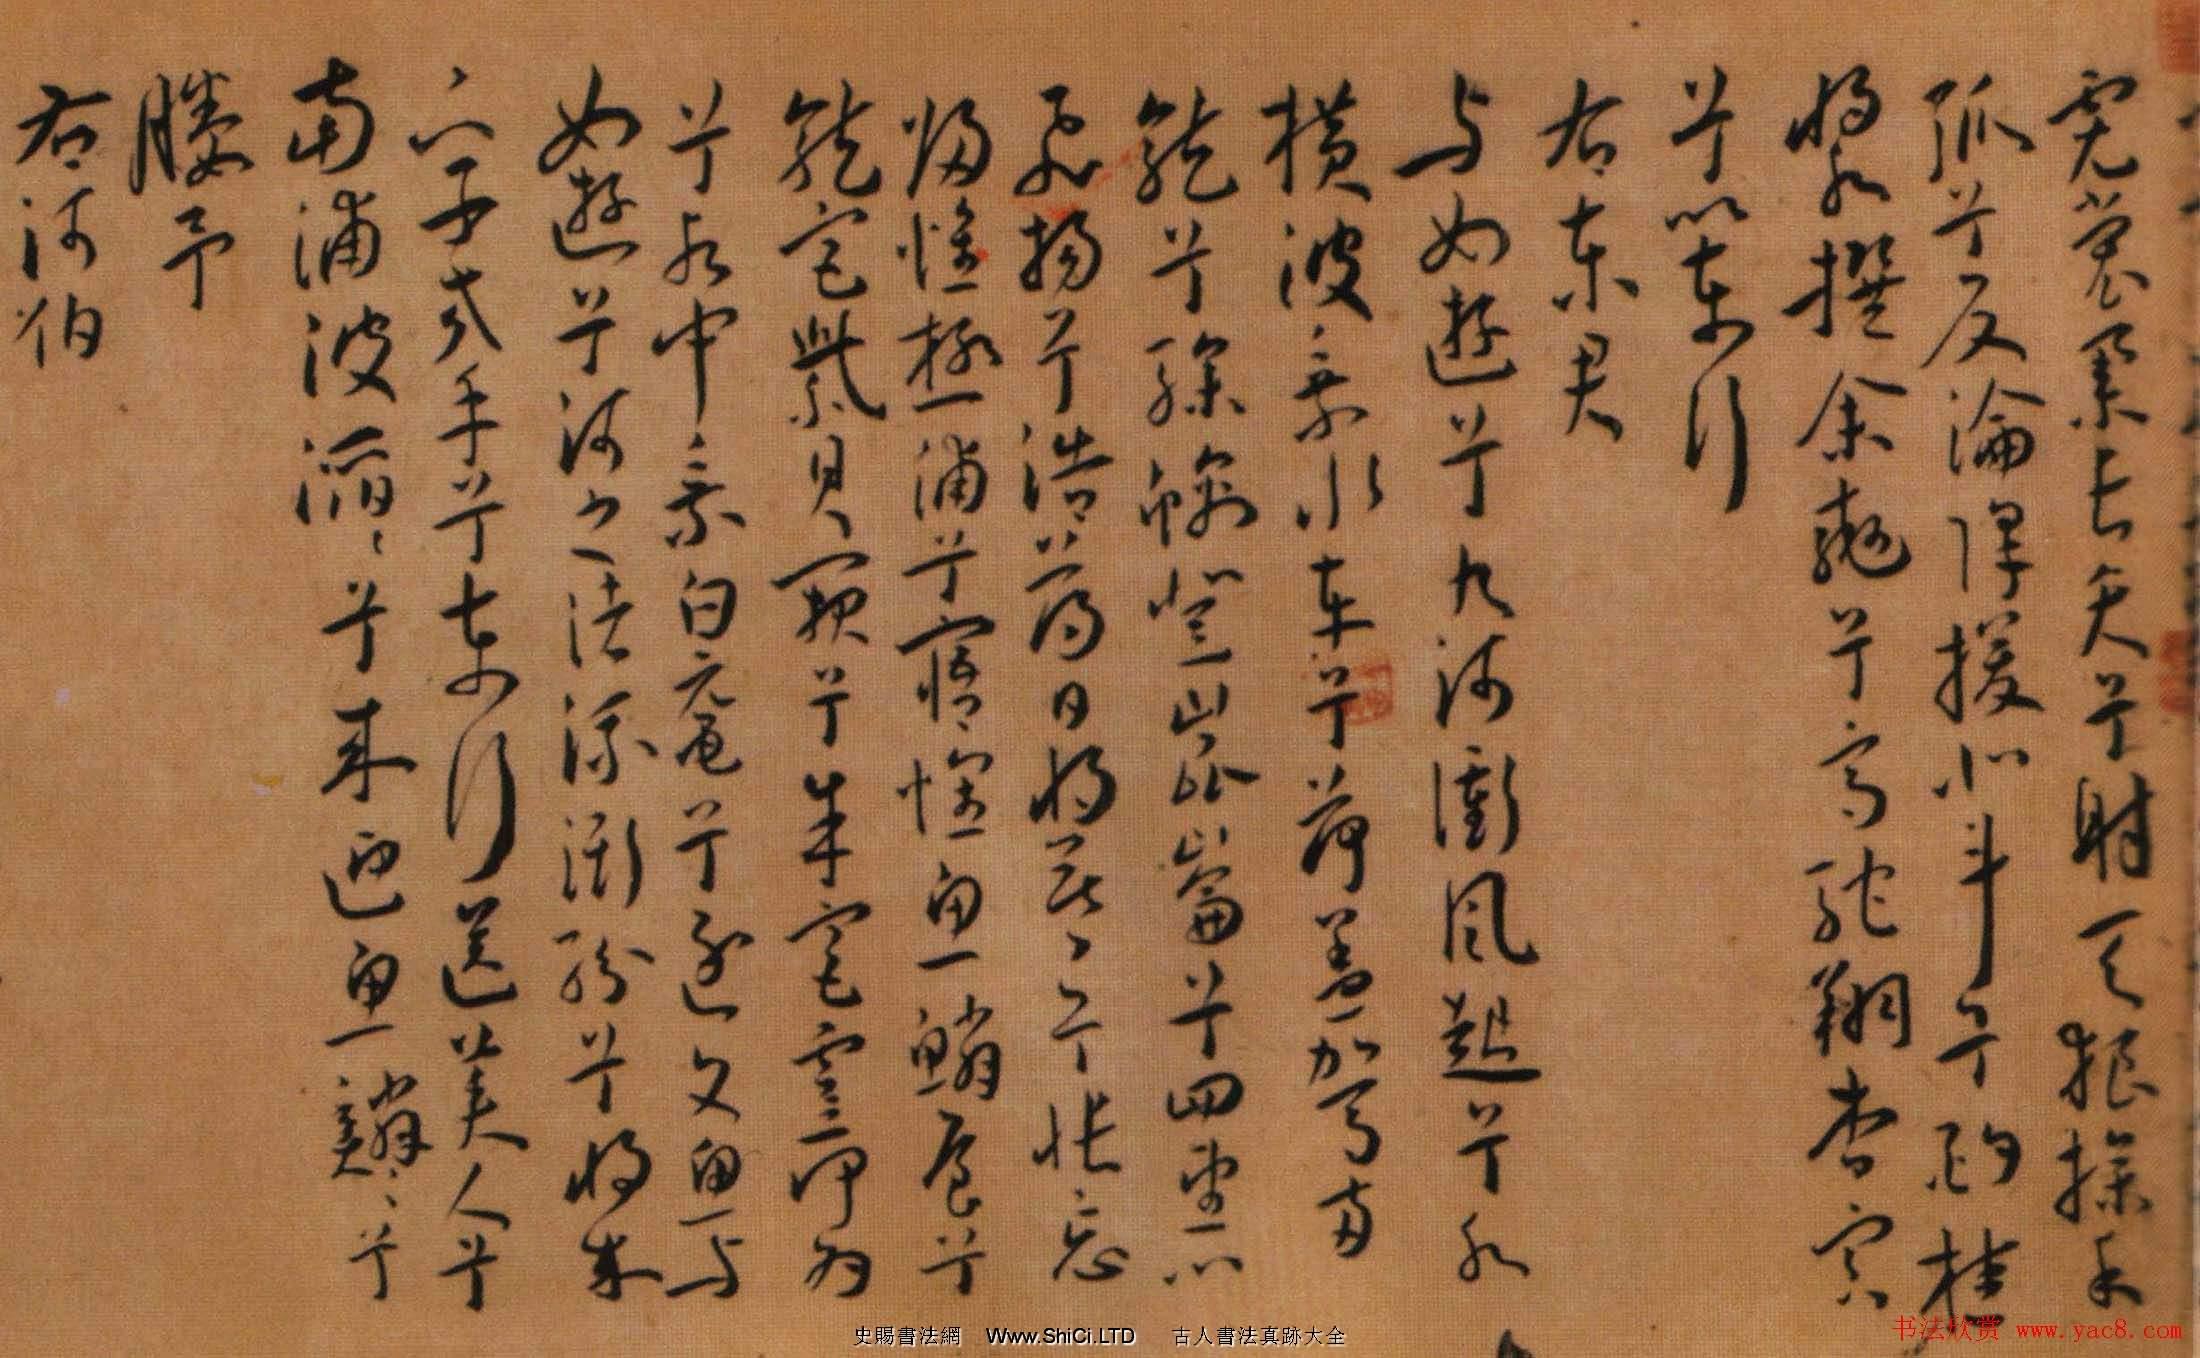 吳中三家之一王寵行草書法作品欣賞《九歌》